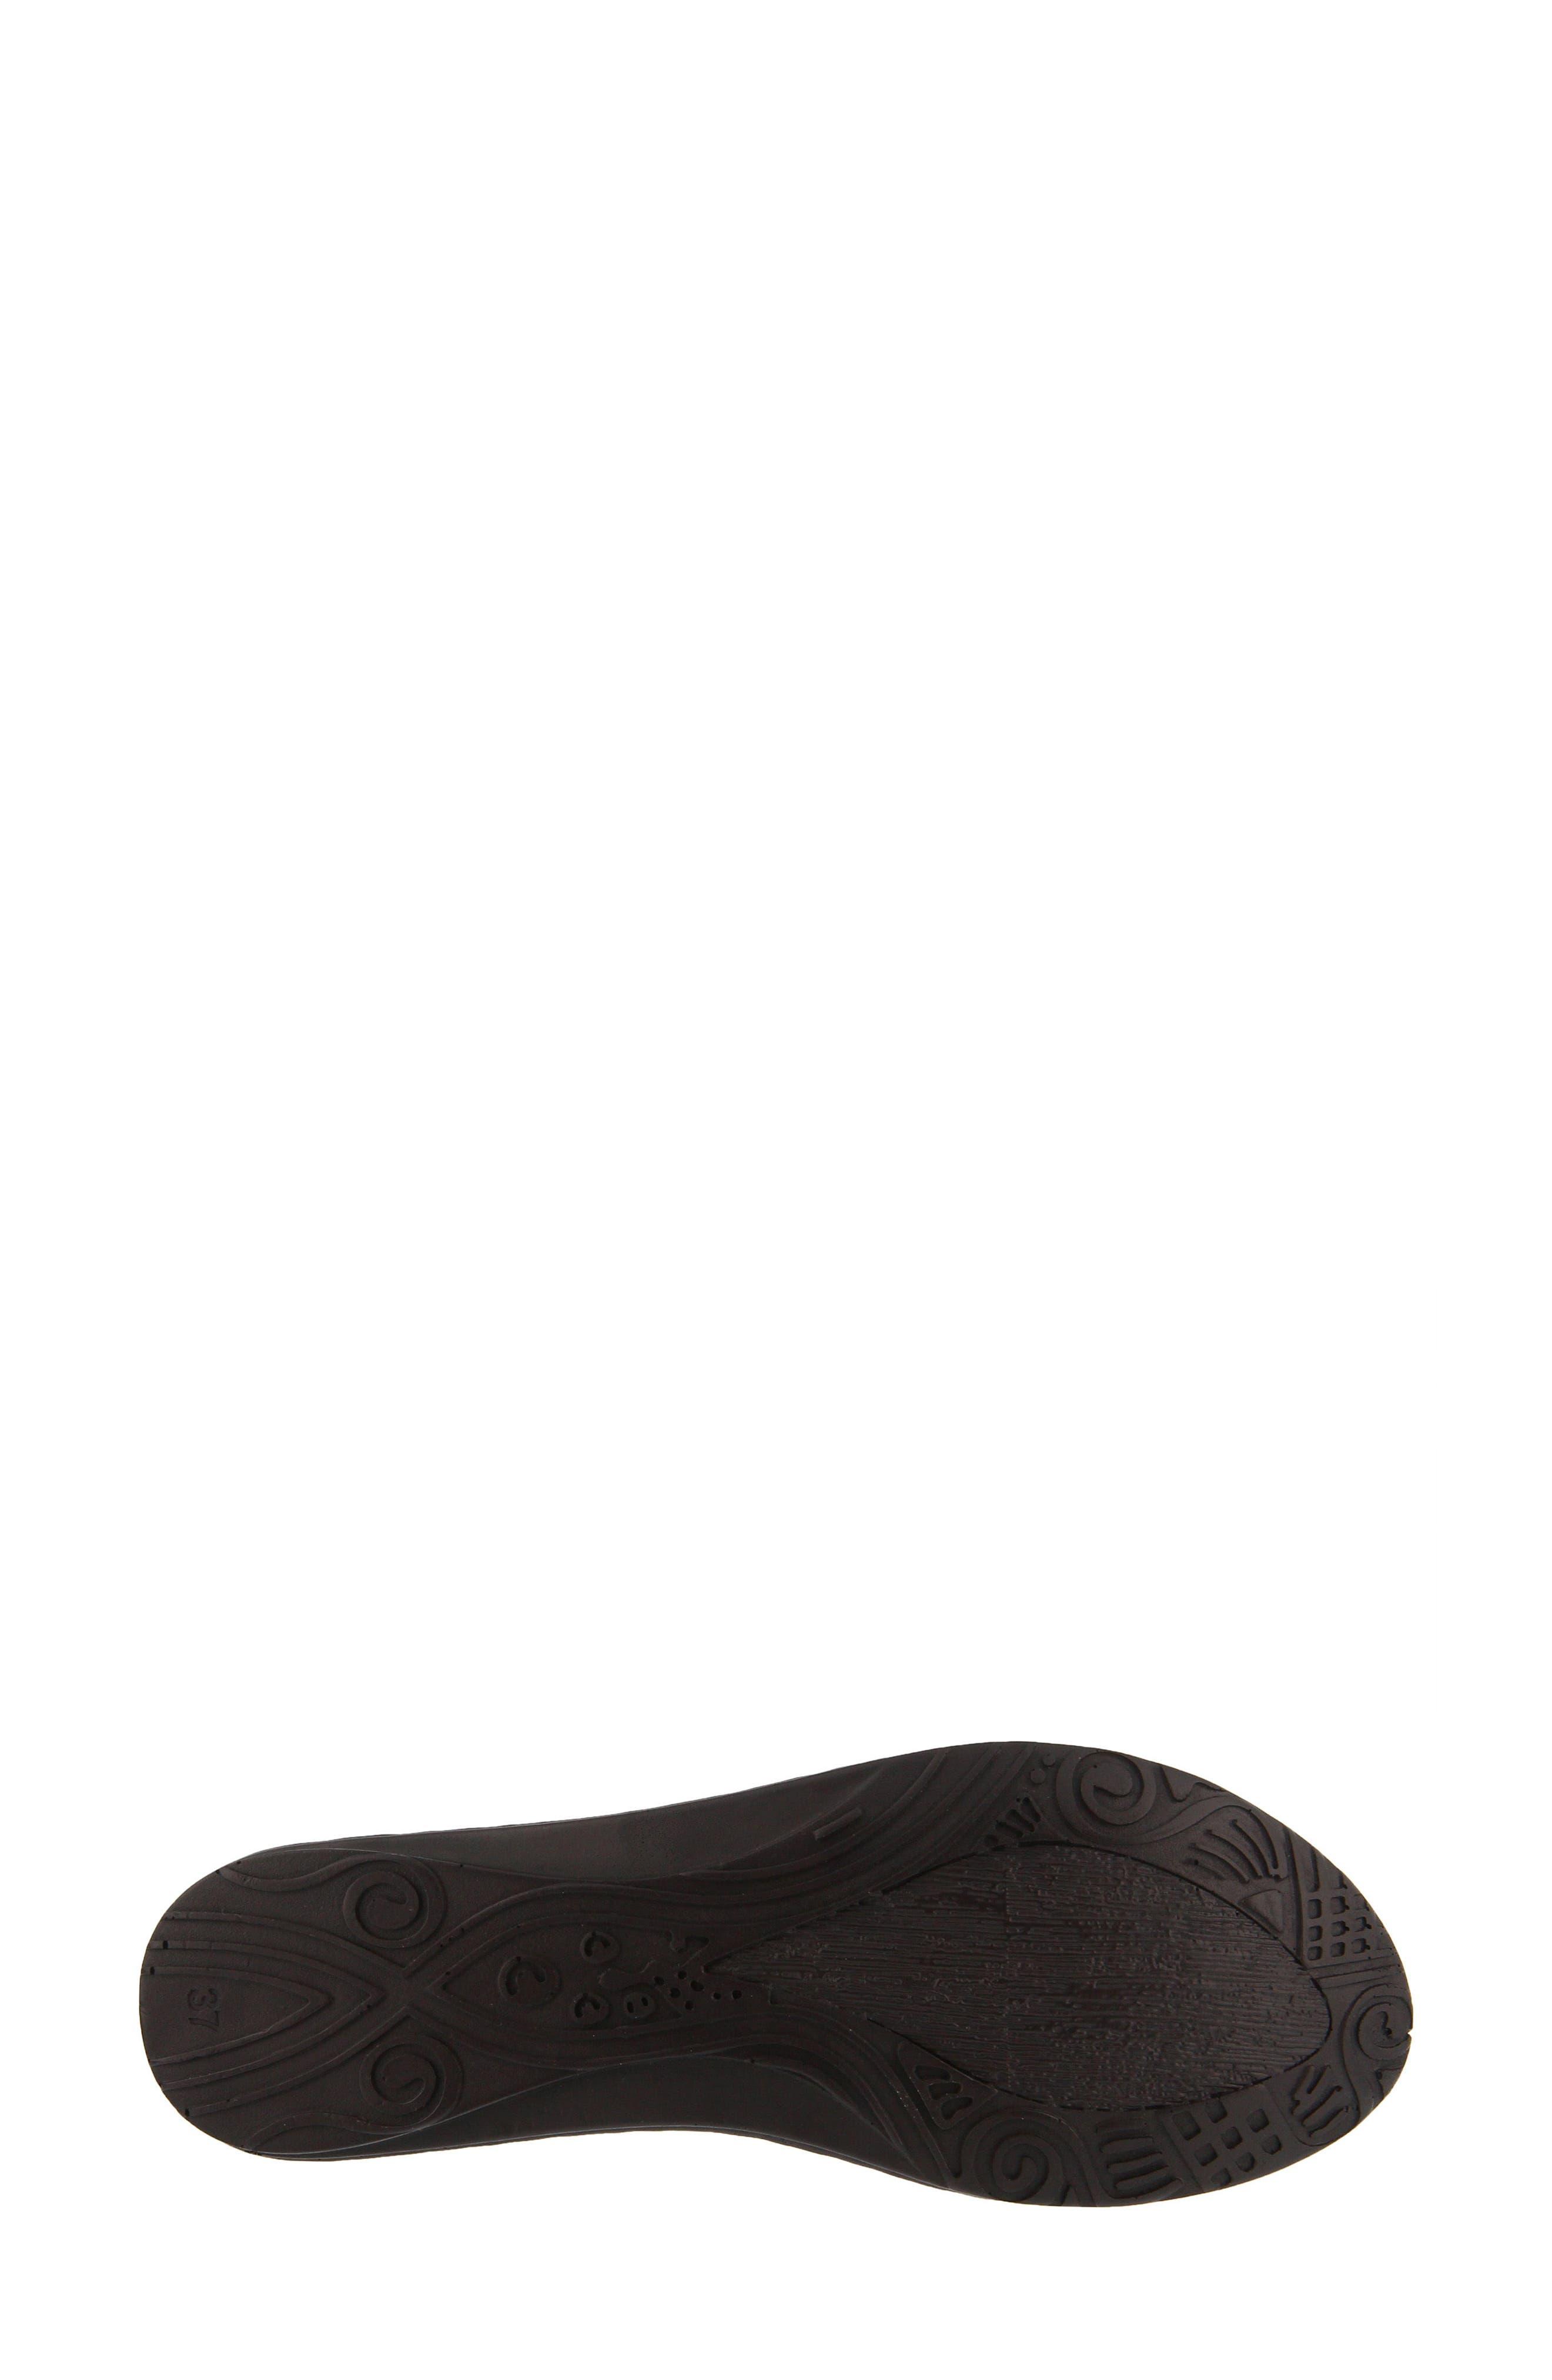 Jordana Slingback Sandal,                             Alternate thumbnail 5, color,                             BLACK LEATHER